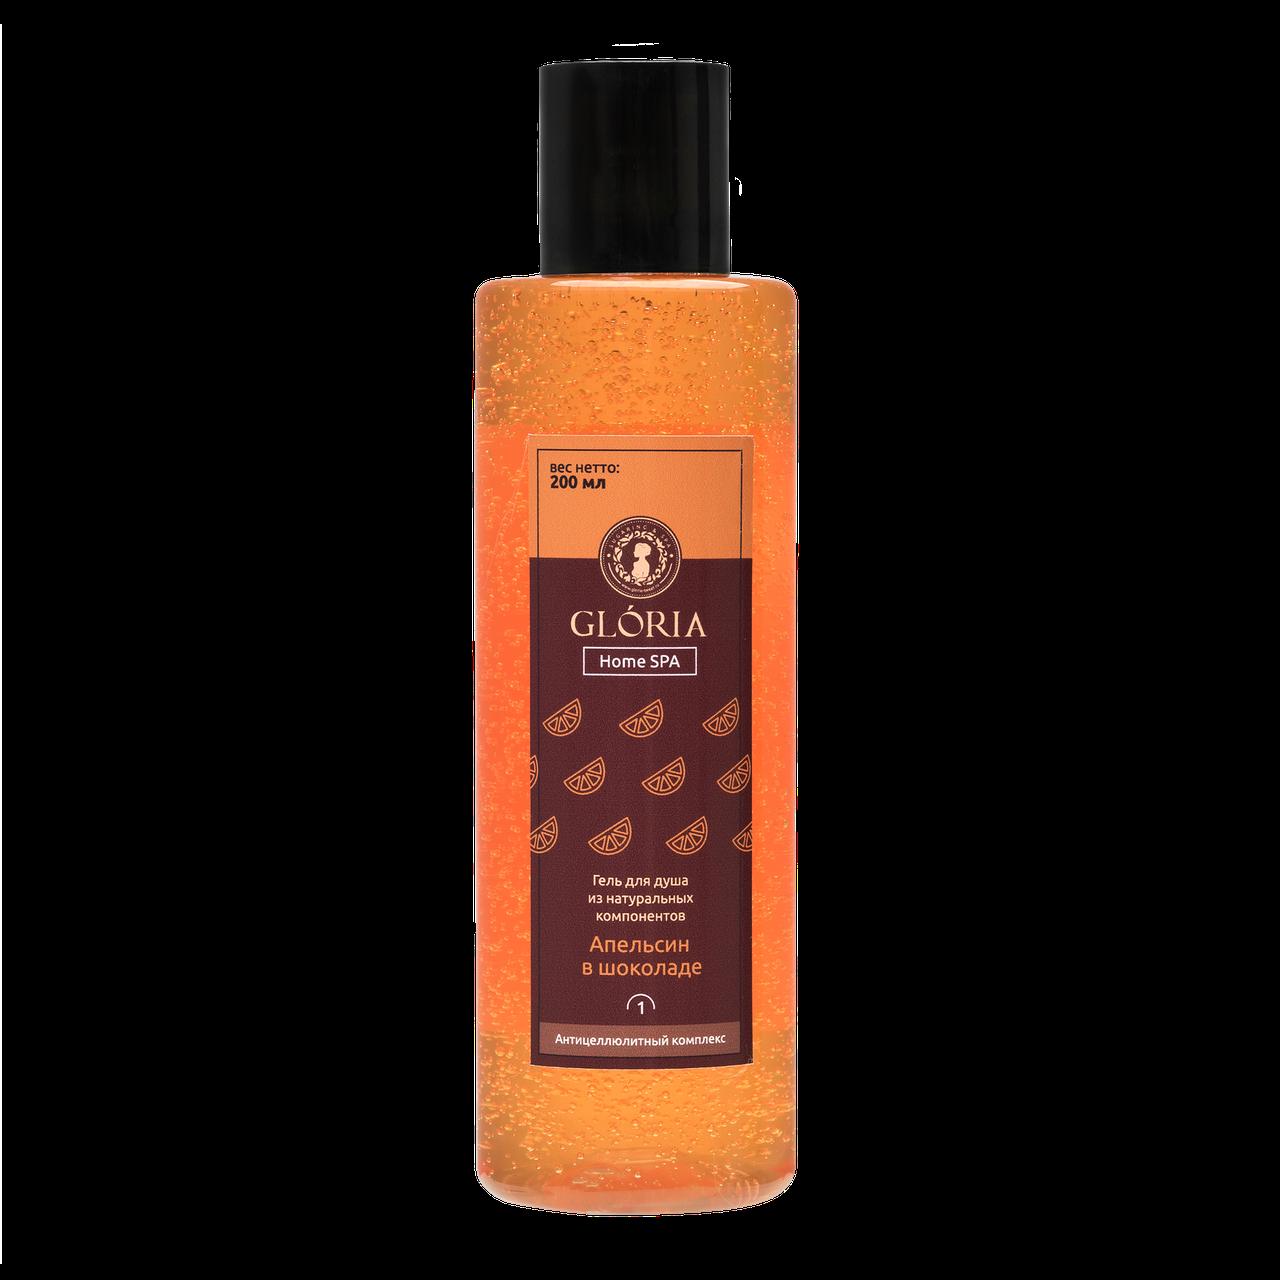 """Гель для душа """"Апельсин в шоколаде"""" GLORIA 200мл"""